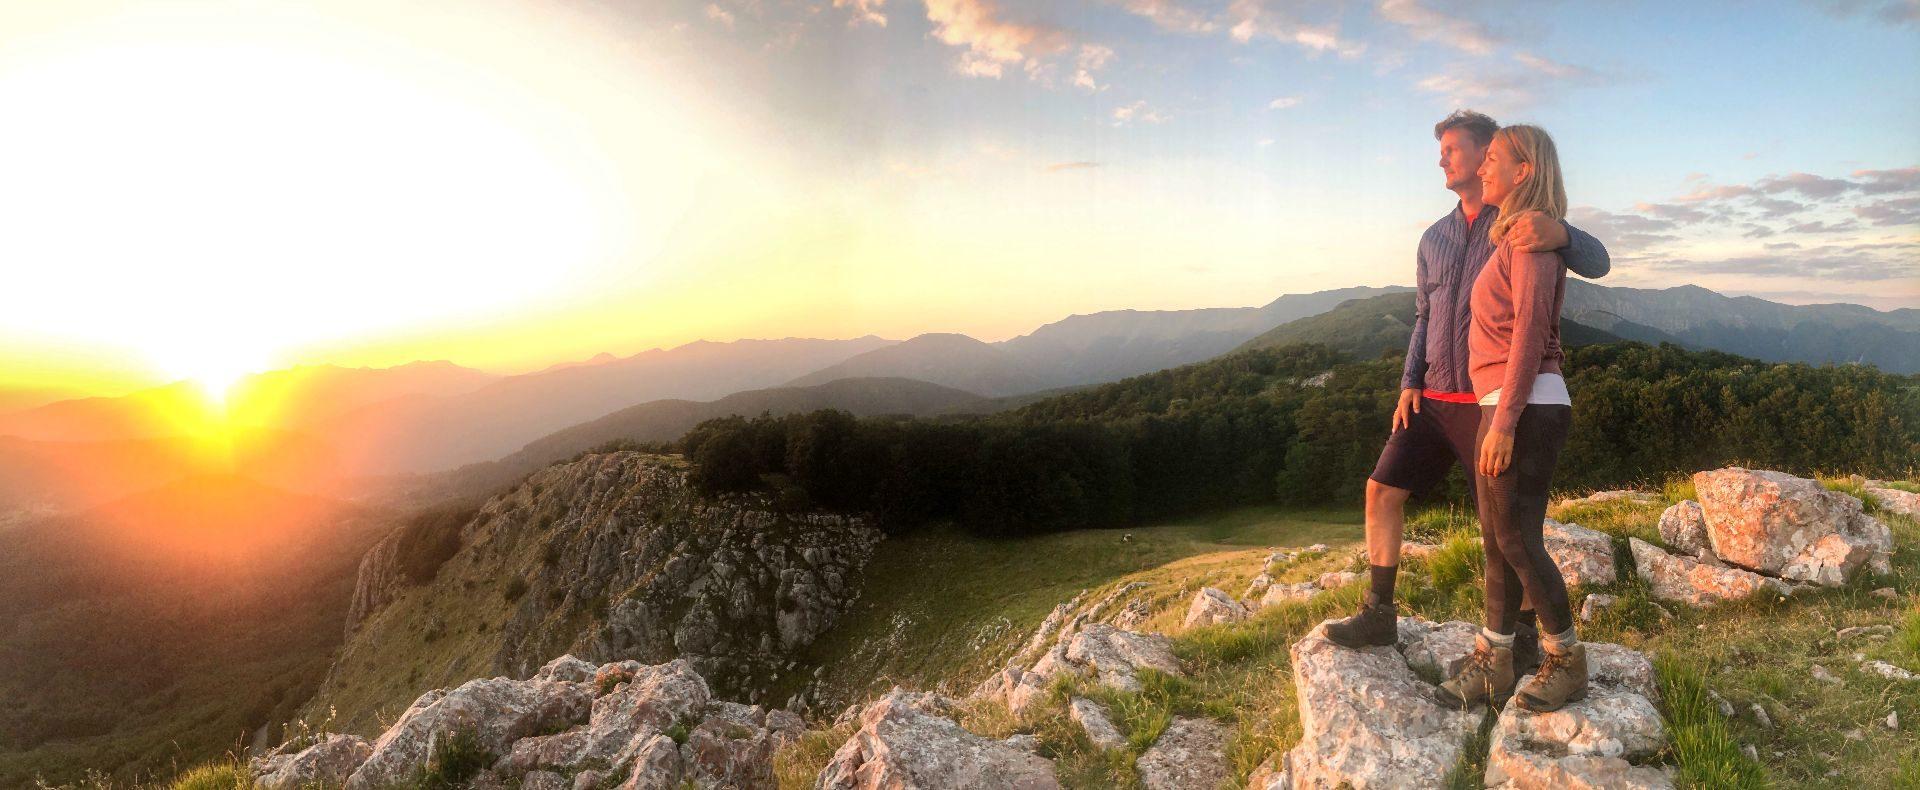 Trekking Garfagnana